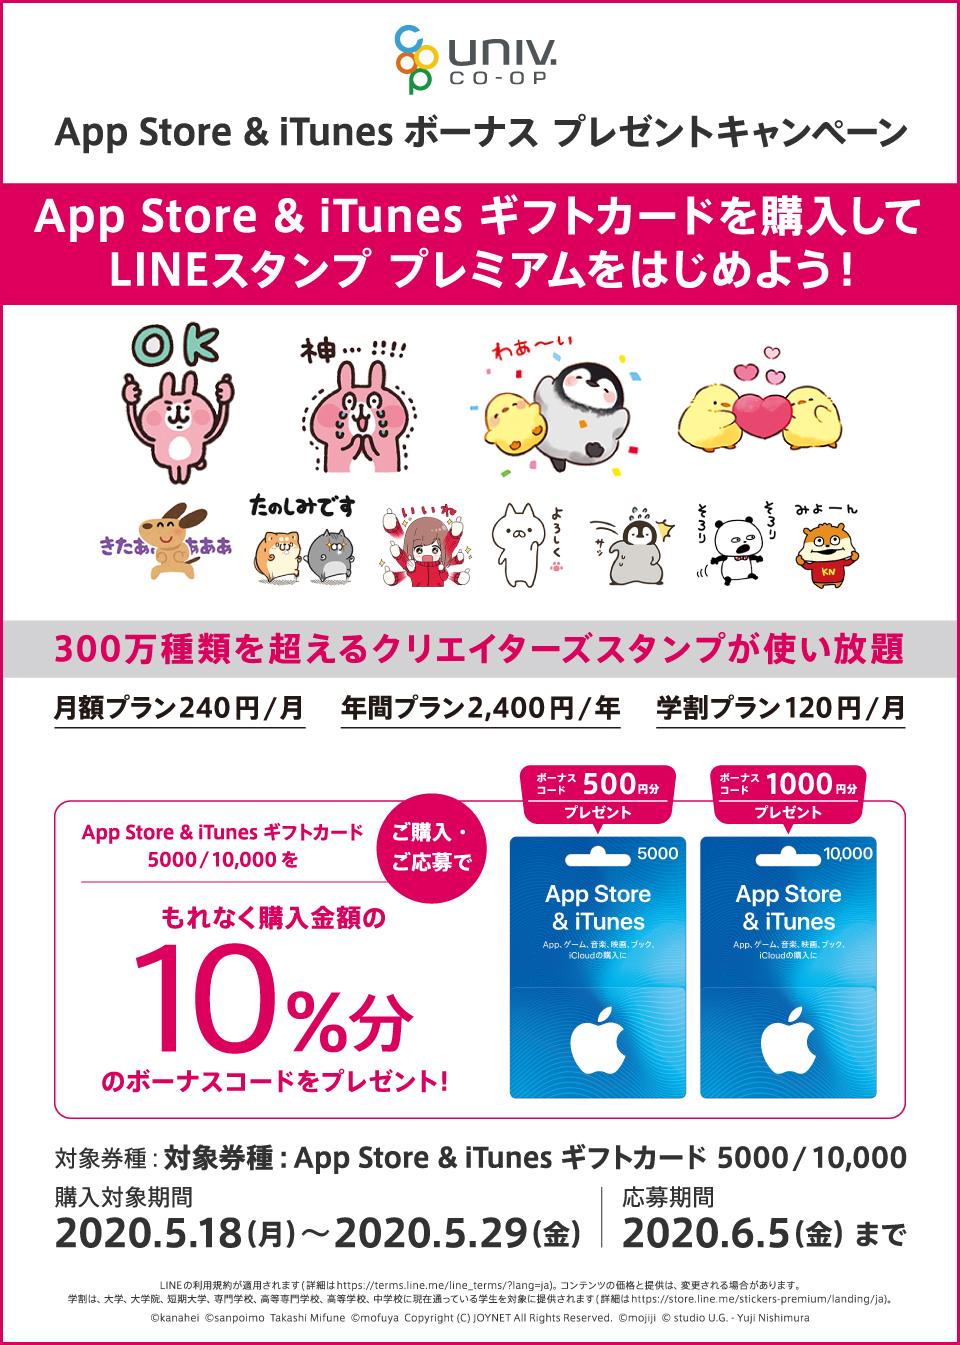 大学生協でAppStore & iTunesギフトカードを買うと10%ボーナスコードが貰える。そもそも営業しているのか。~5/29。